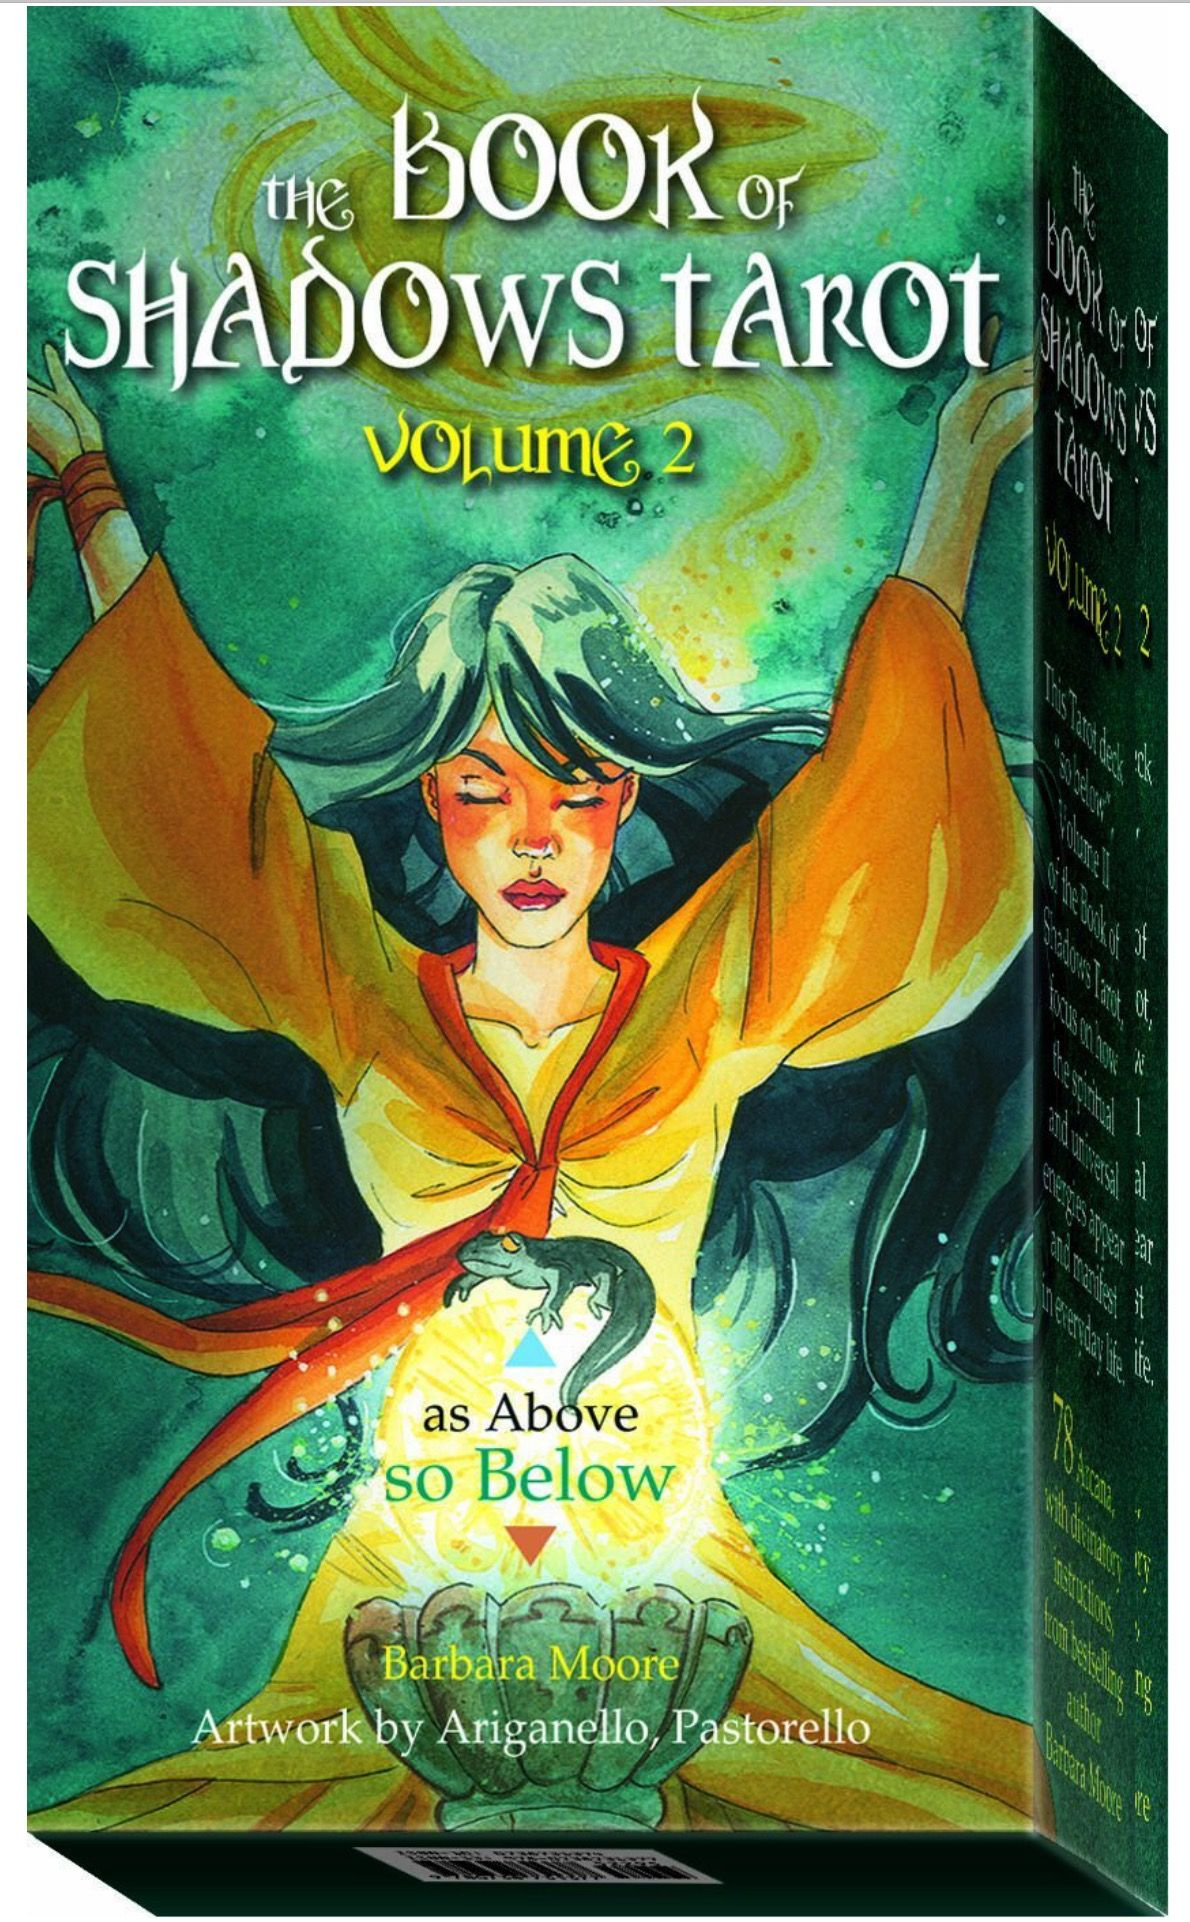 Image amazon book of shadows tarot tarot cards art